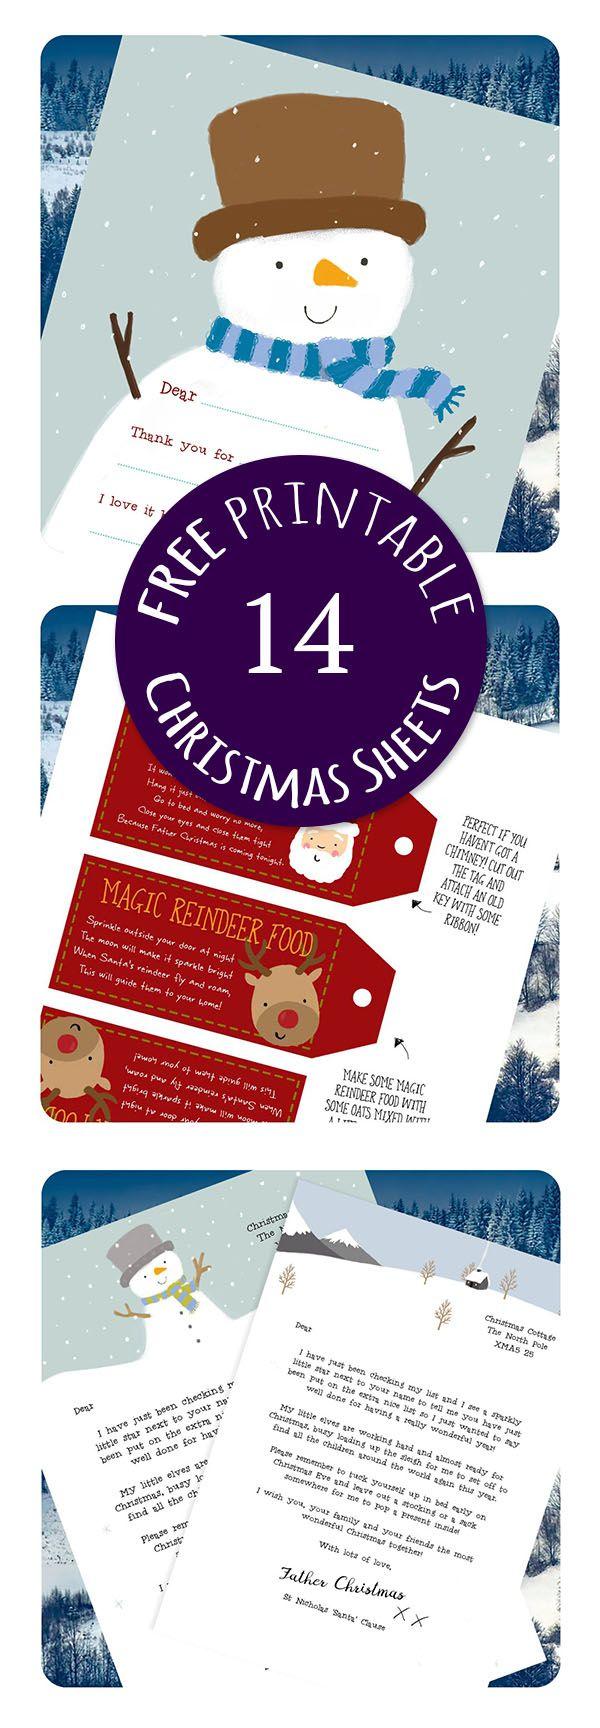 best 25 santa key ideas on pinterest magic santa reindeer food